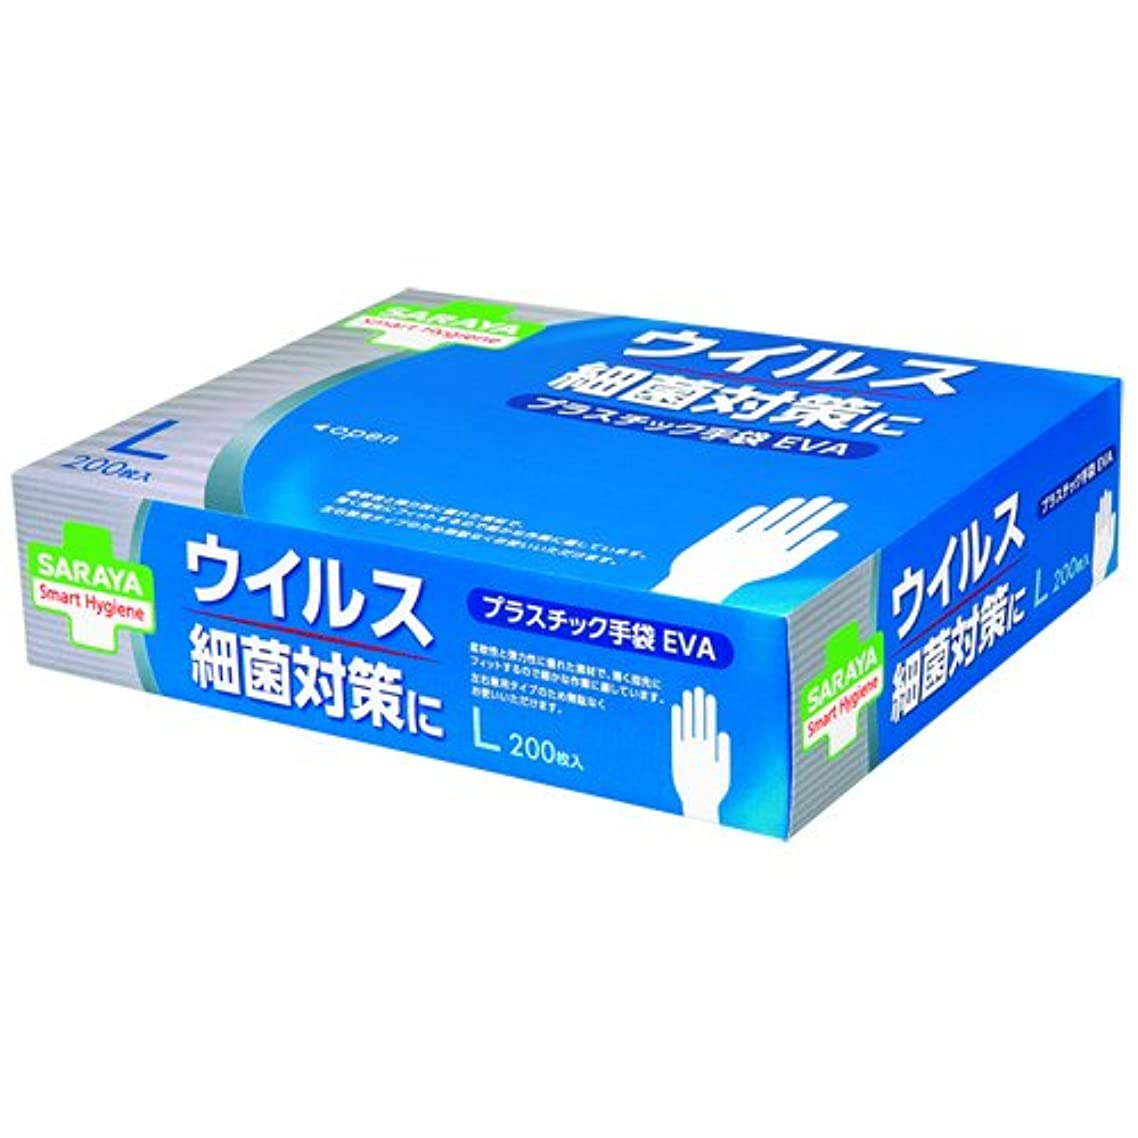 茎誓約反乱スマートハイジーンプラスチック手袋EVA200枚Lサイズ